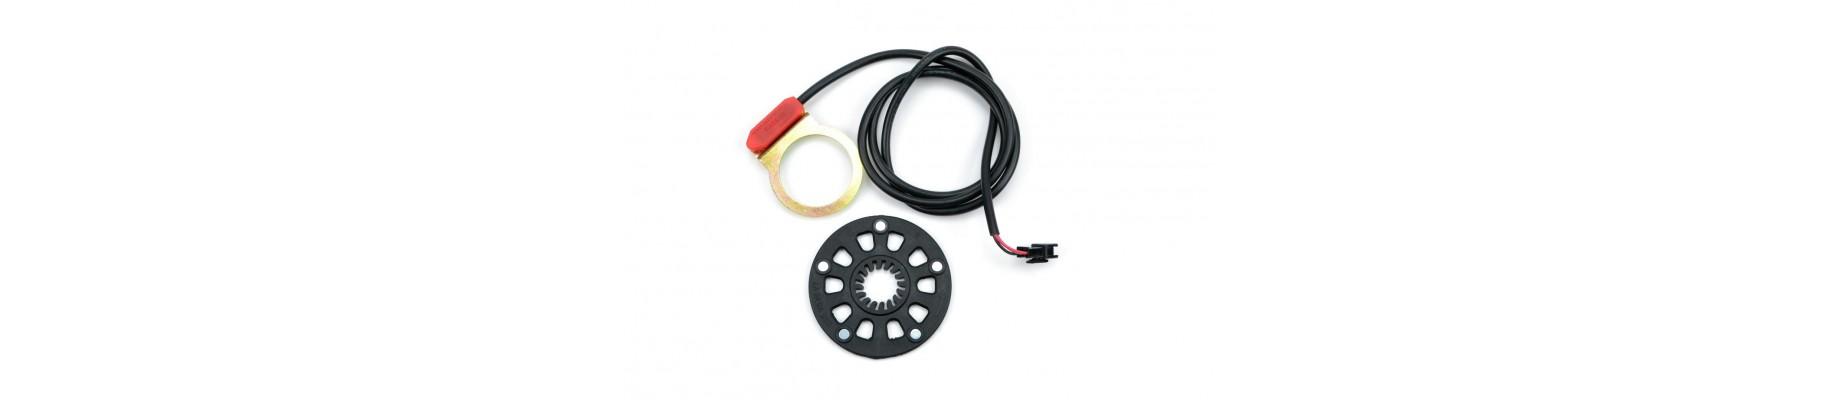 PAS - pedalsensor